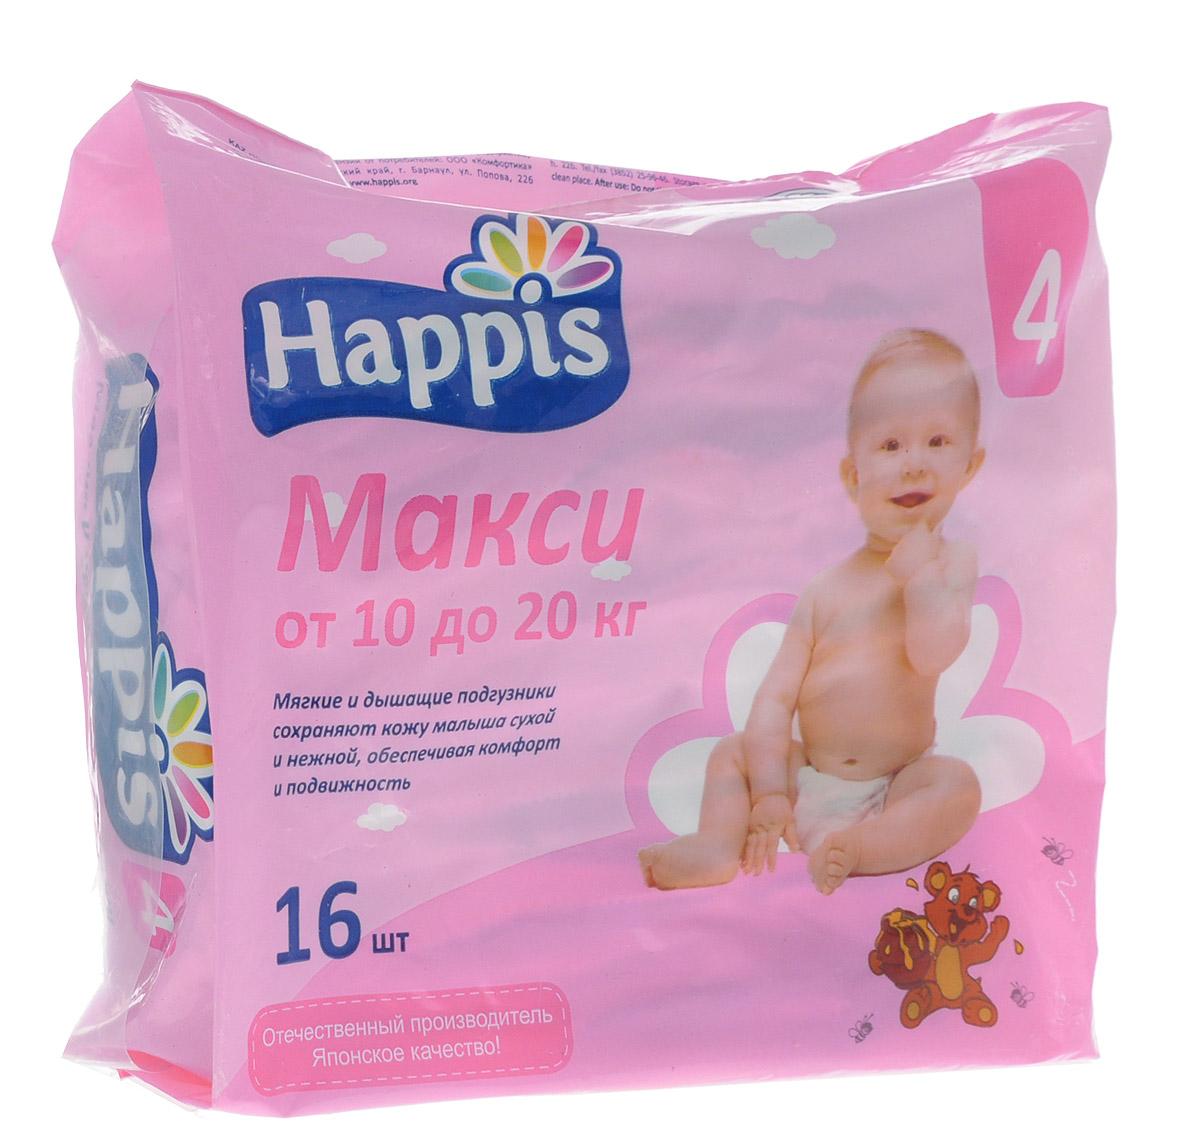 Happis Подгузники Макси 10-20 кг 16 шт605Высококачественные подгузники макси Happis обеспечивают комфортное и здоровое развитие вашего малыша. Сырье, используемое для производства, соответствует всем современным требованиям. Поэтому подгузники Happis абсолютно безопасны и гипоаллергенны для нежной детской кожи. Застежки многоразового использования позволяют подгузнику лучше держать форму, обеспечивают комфорт и сохраняют свободу движений малыша. Дышащий внешний слой пропускает воздух и препятствует выходу влаги наружу. Мягкие двойные манжеты созданы для надежной защиты от протеканий детского стула по краям и помогают сохранить кожу малыша в чистоте. Двойной впитывающий слой быстро поглощает жидкость, превращая ее в гель. В упаковке 16 подгузников.